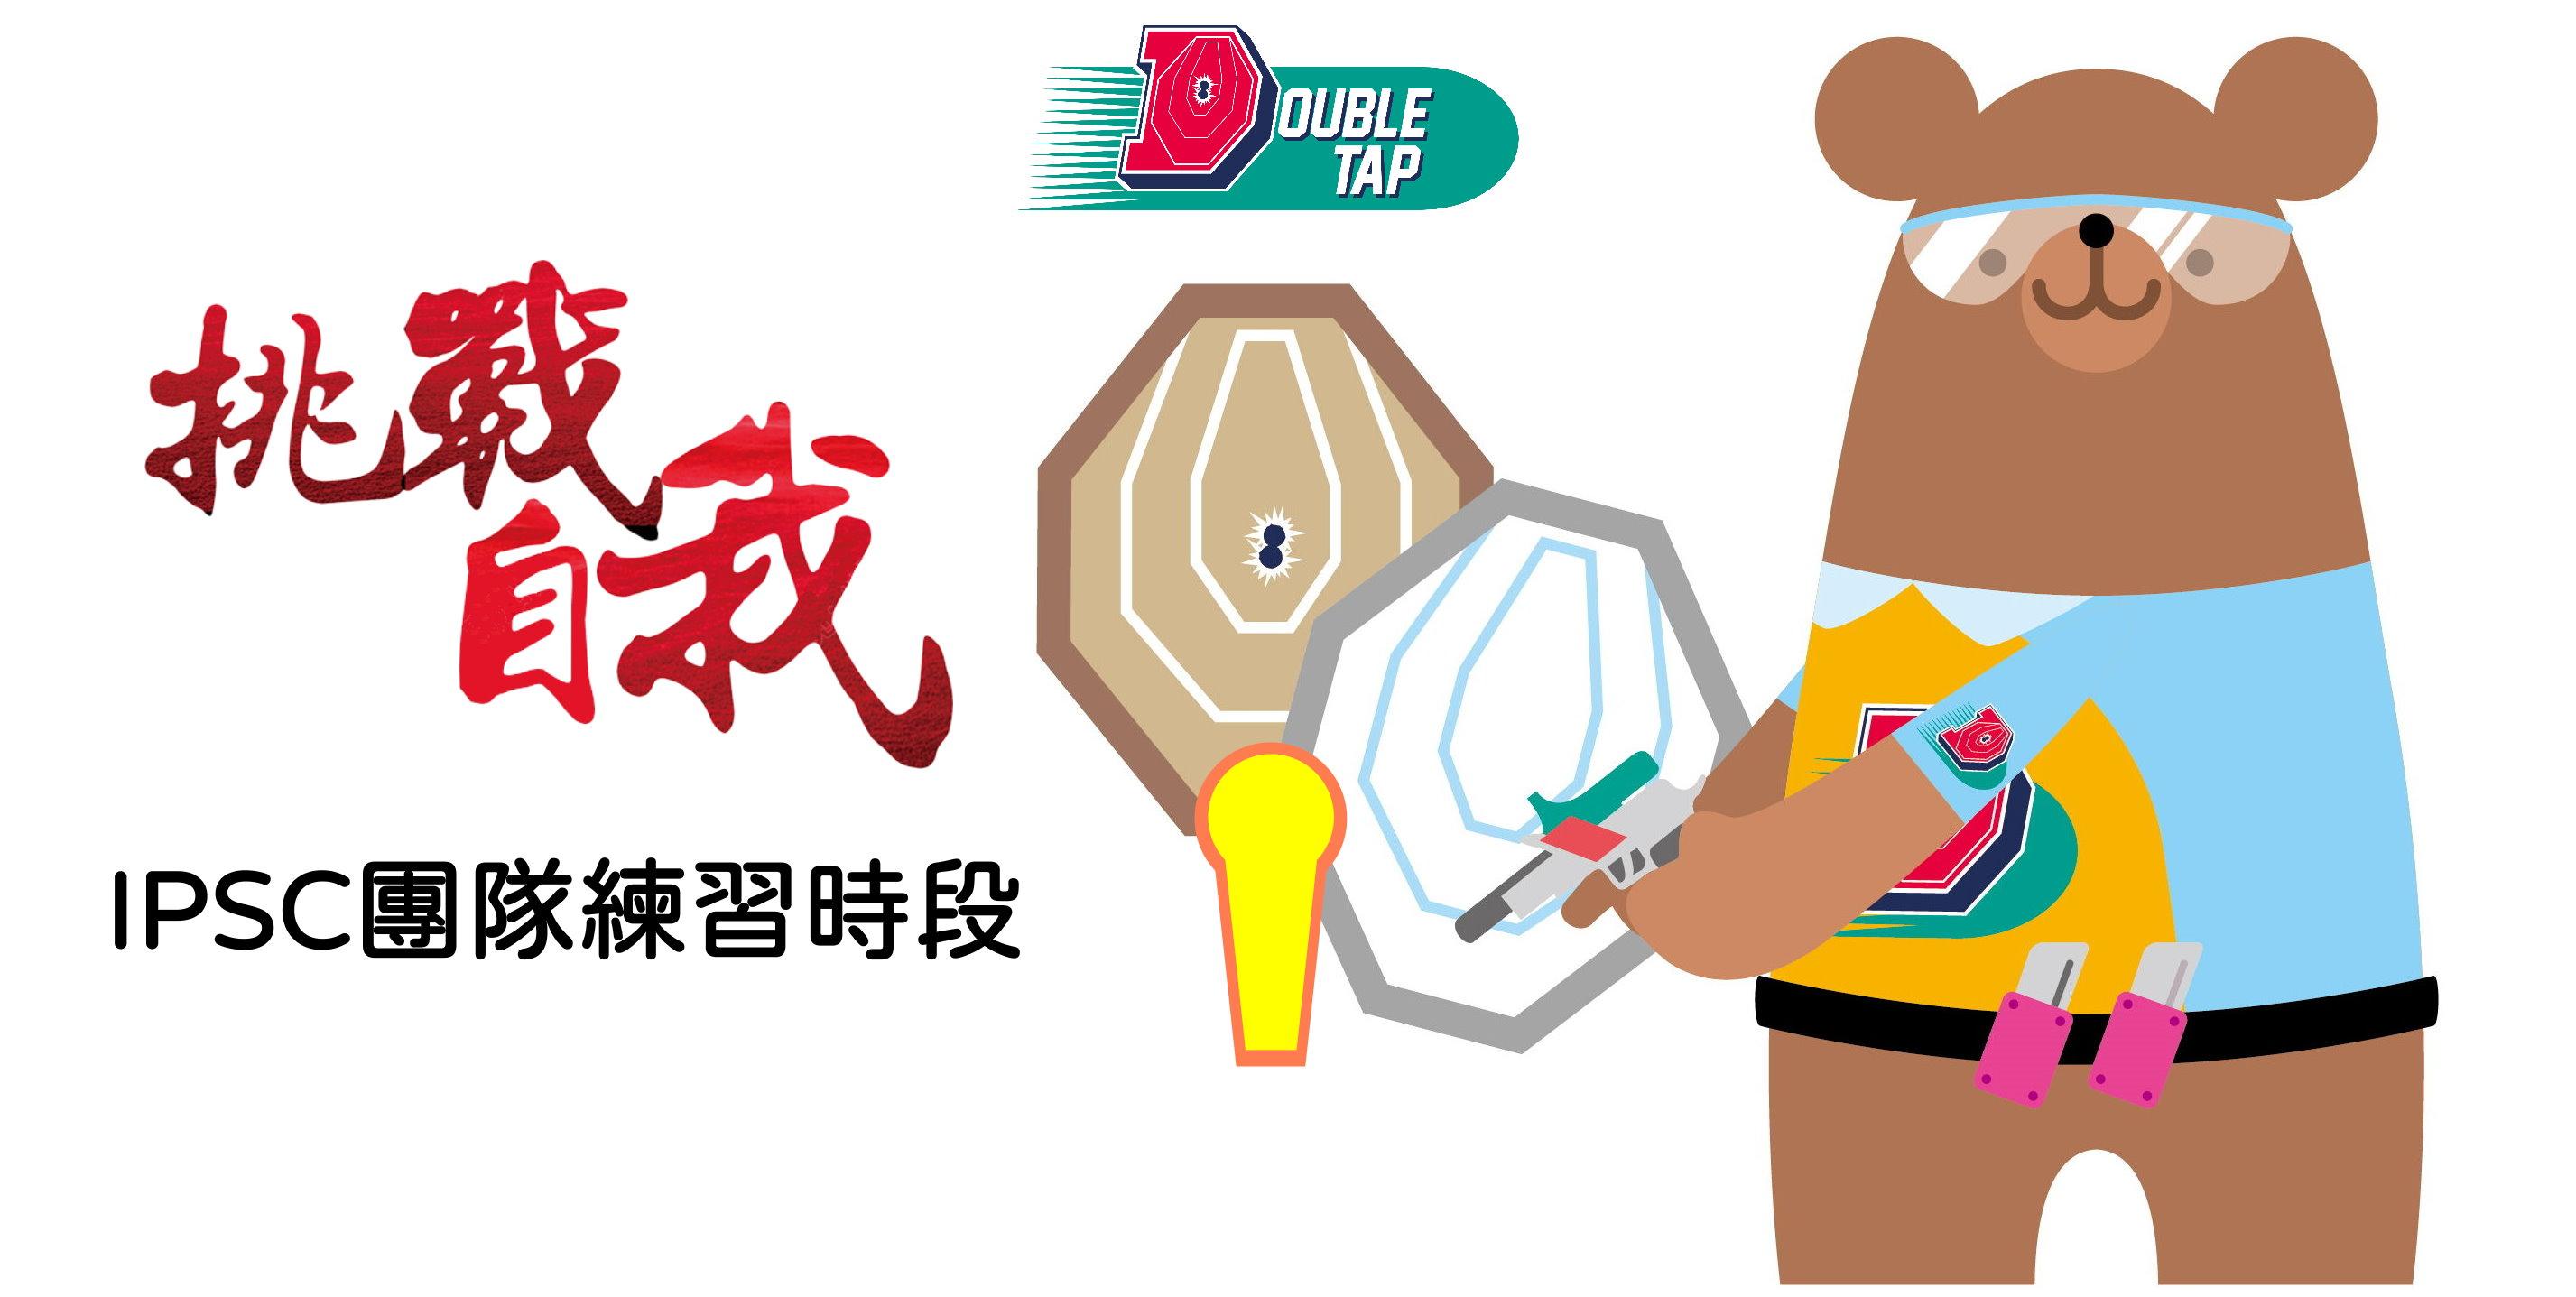 DT_bear_practise_Logo_Targets